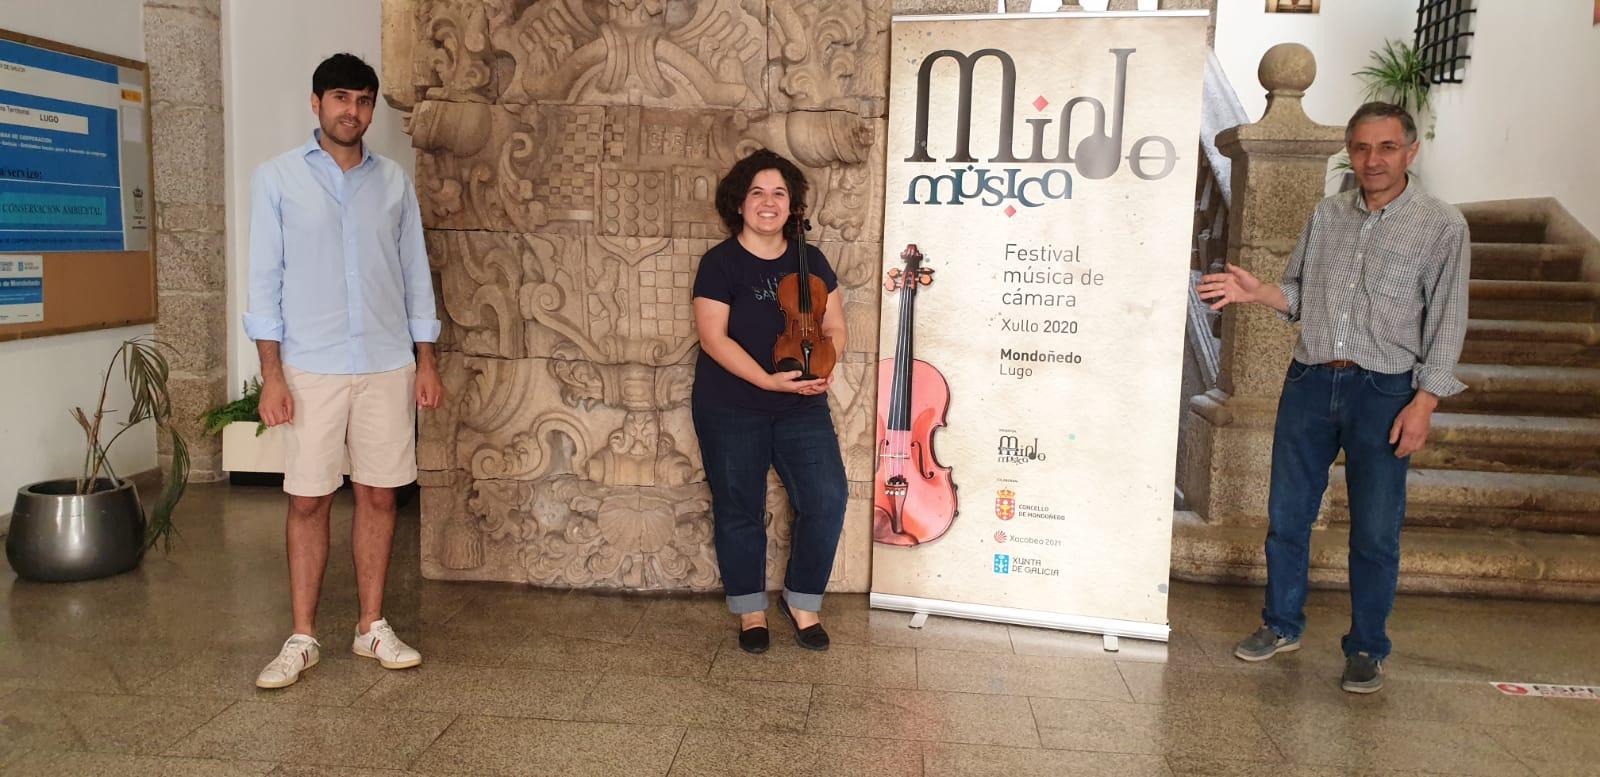 MindoMúsica – Festival de Música de Cámara ofrece tres conciertos en su 2ª edición con aforo reducido y también por streaming durante el primer fin de semana de julio